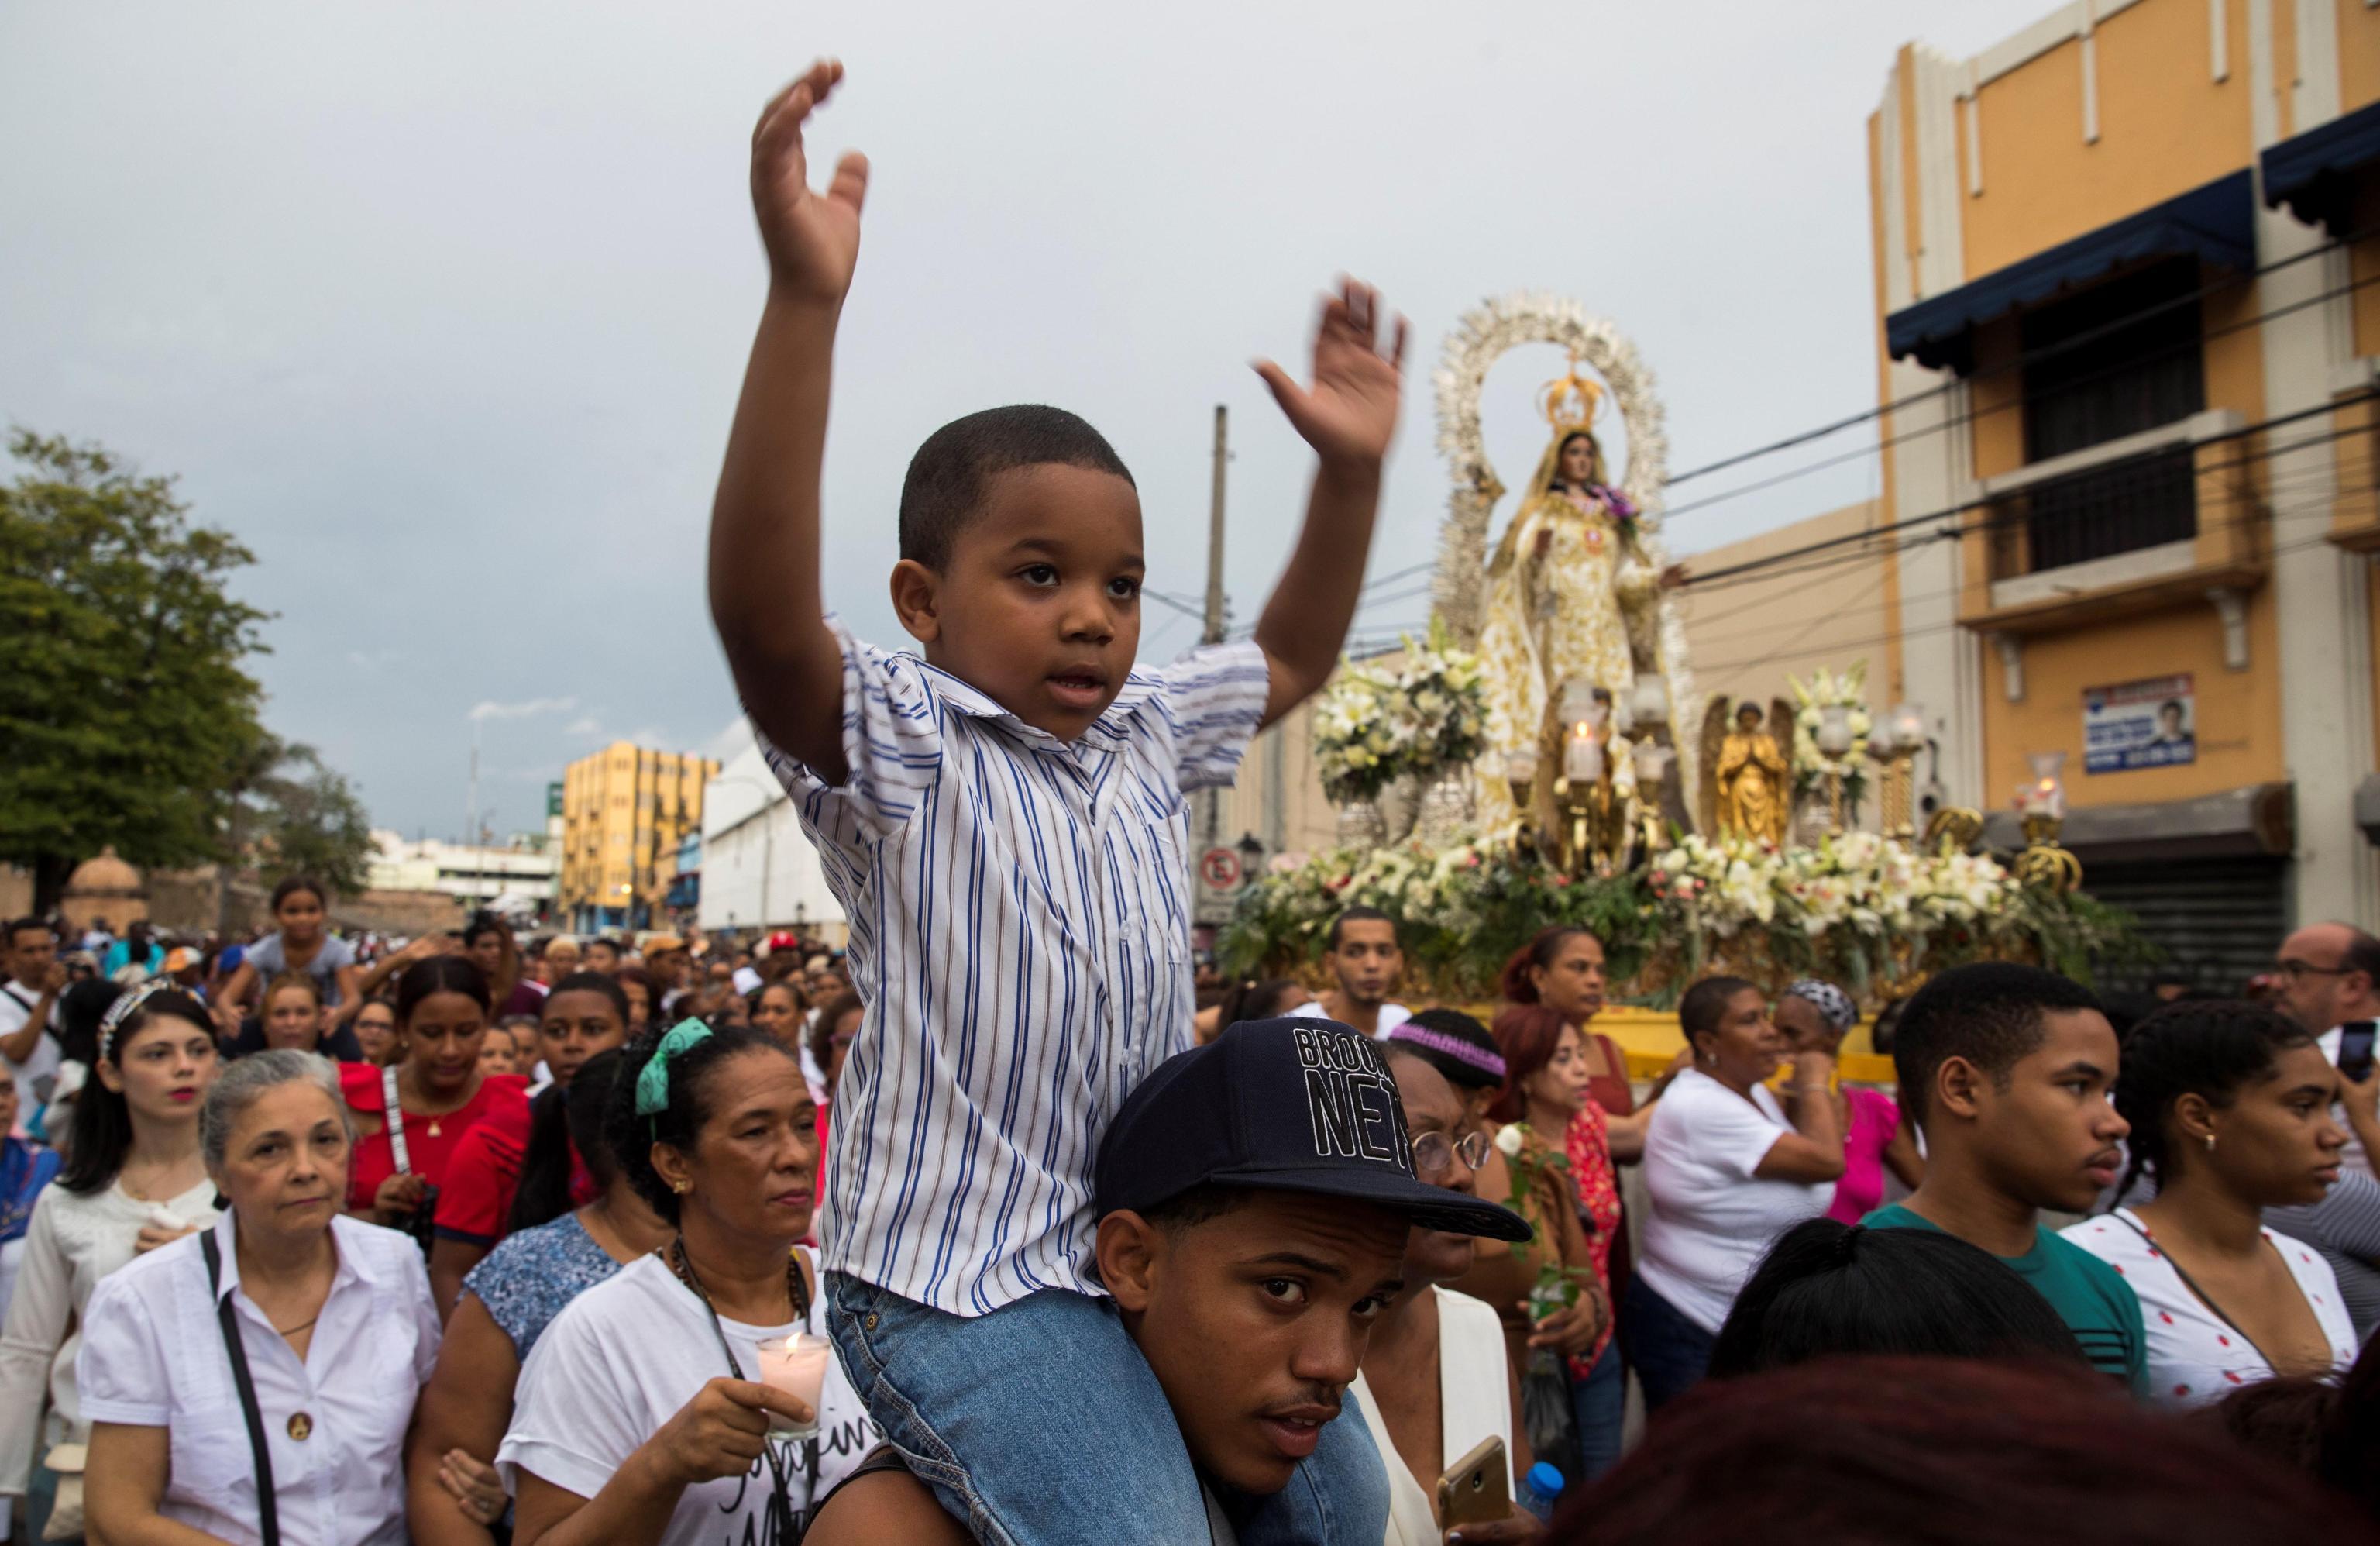 Un bambino domenicano celebra la festa della Nostra Signora della Mercede